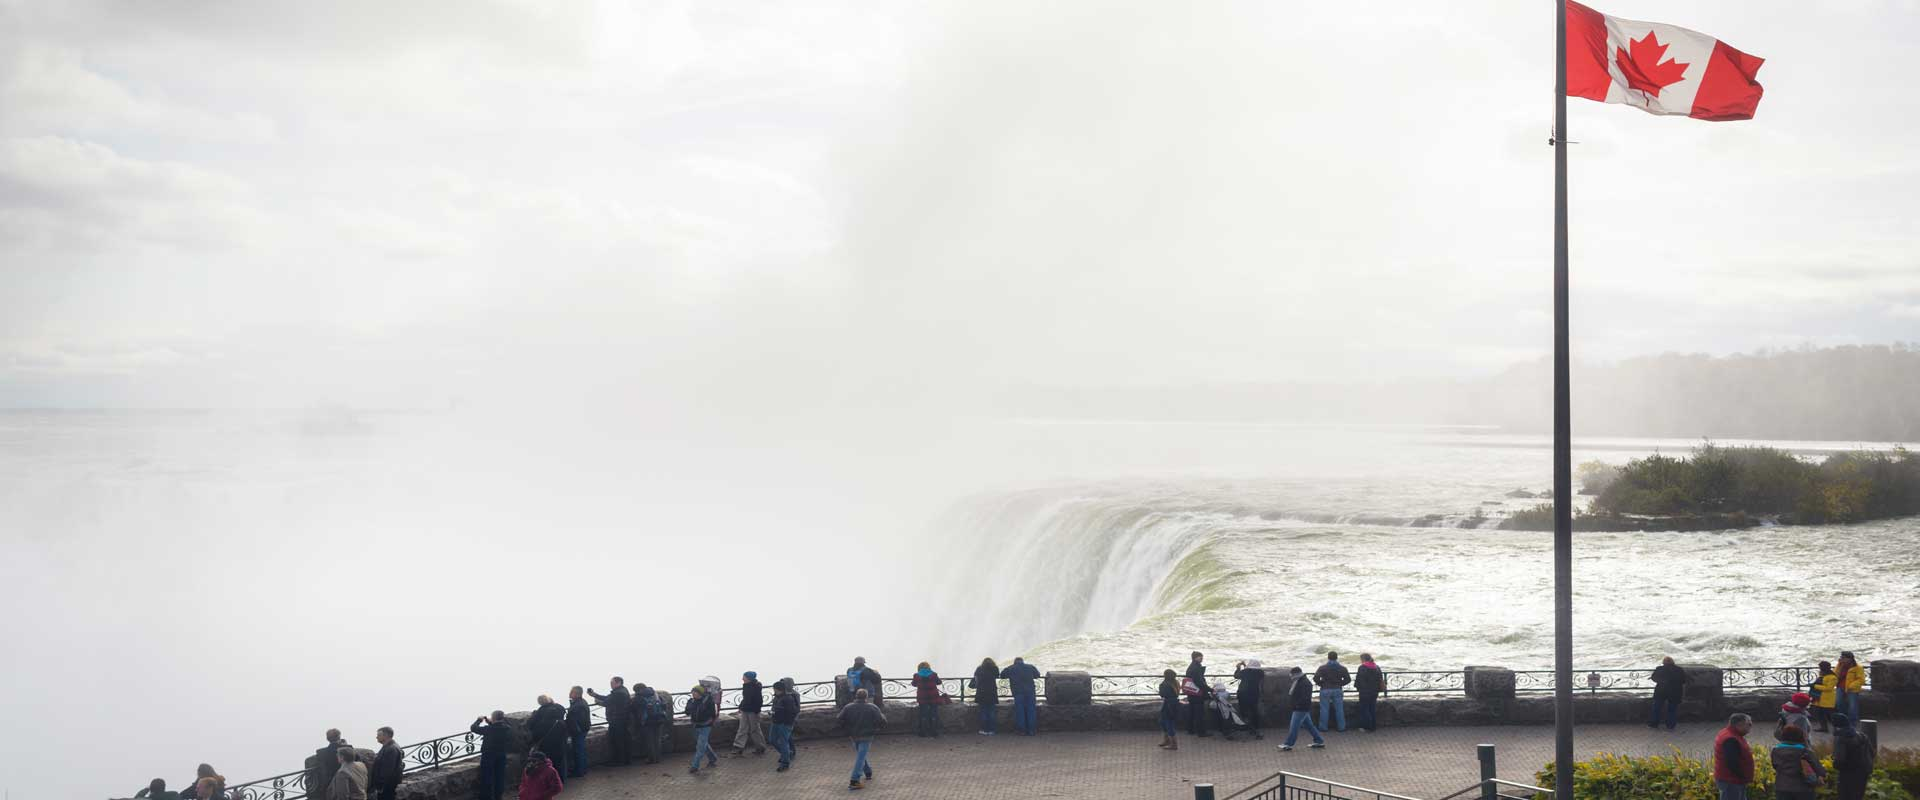 Read This Before Visiting Niagara Falls, Canada